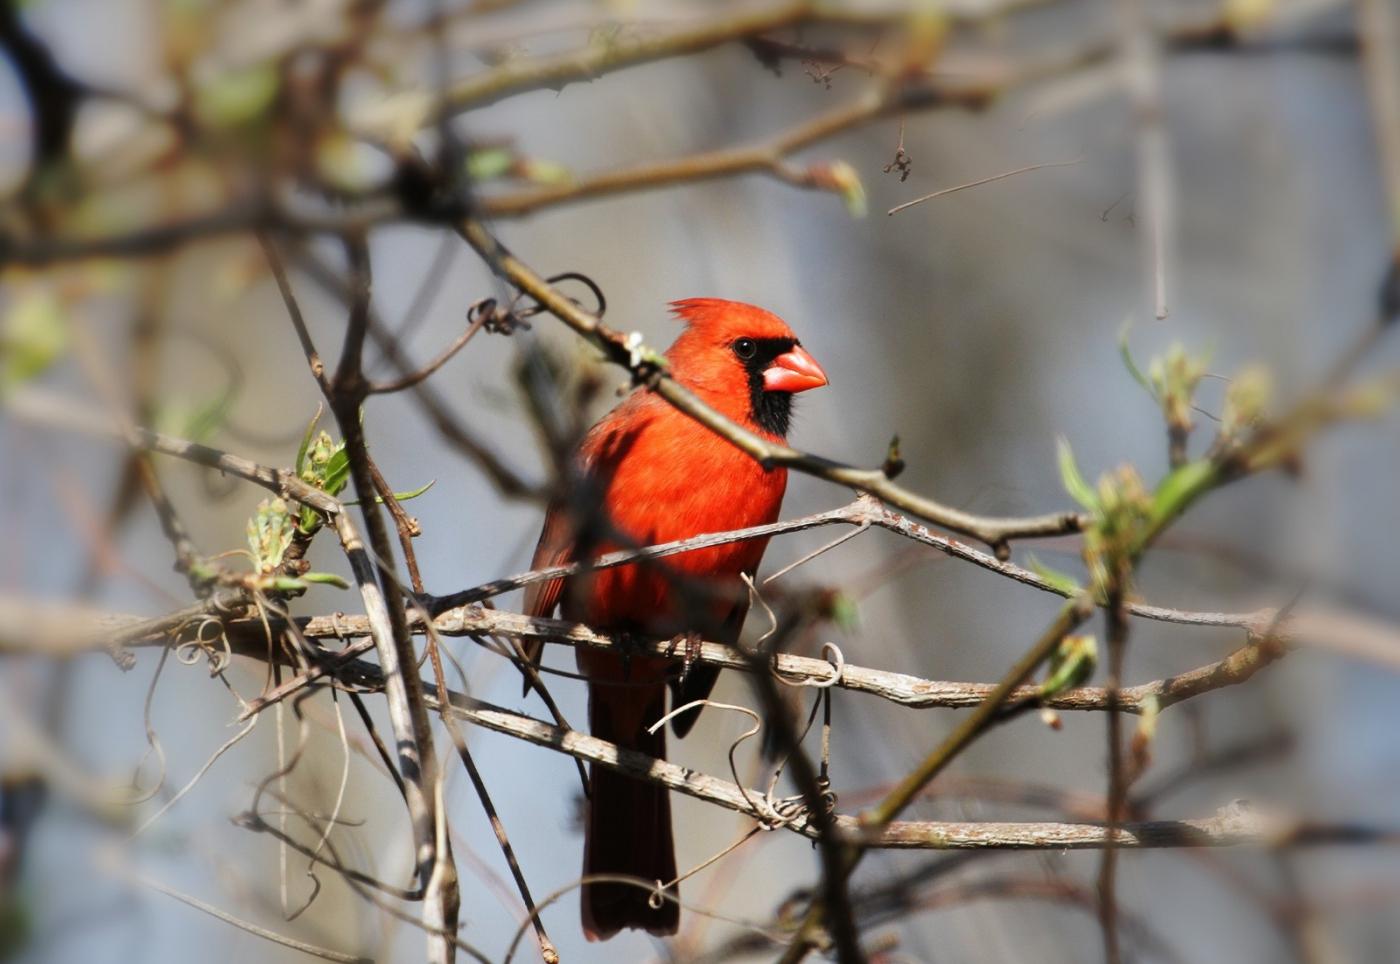 【田螺摄影】天暖了、把喂鸟器装满鸟就来了_图1-6